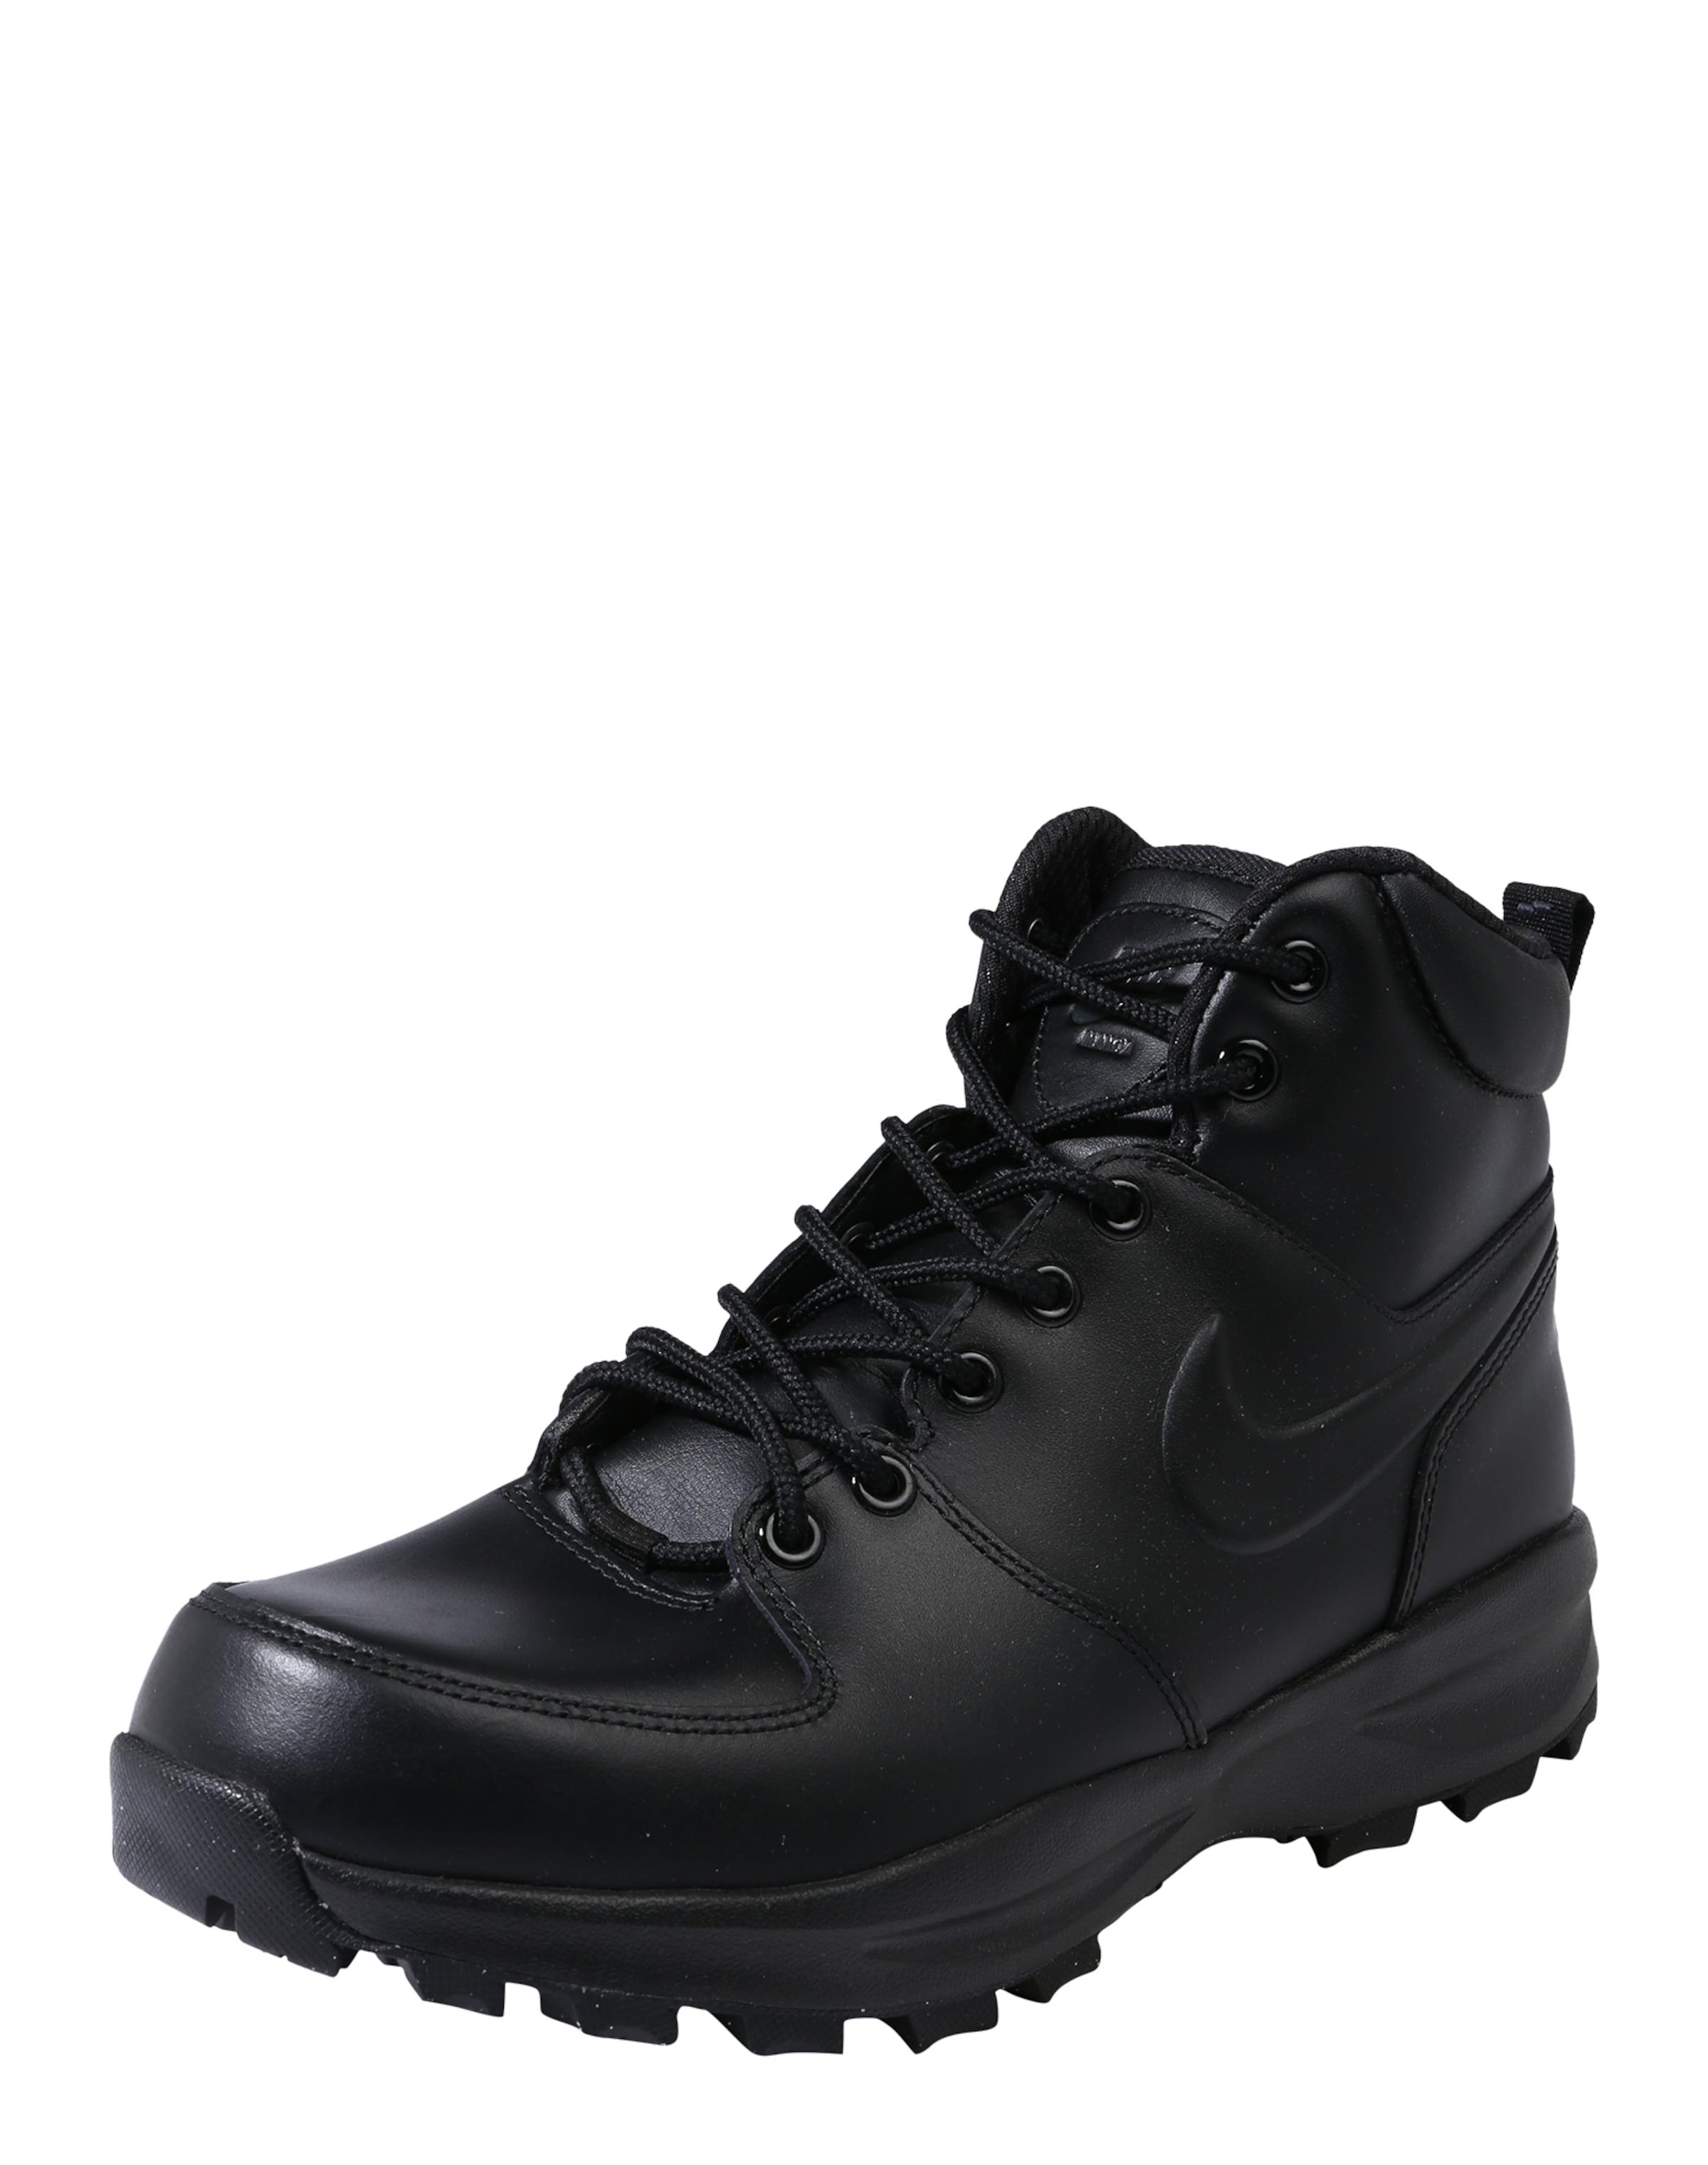 Nike Sportswear Sneaker High  Manoa